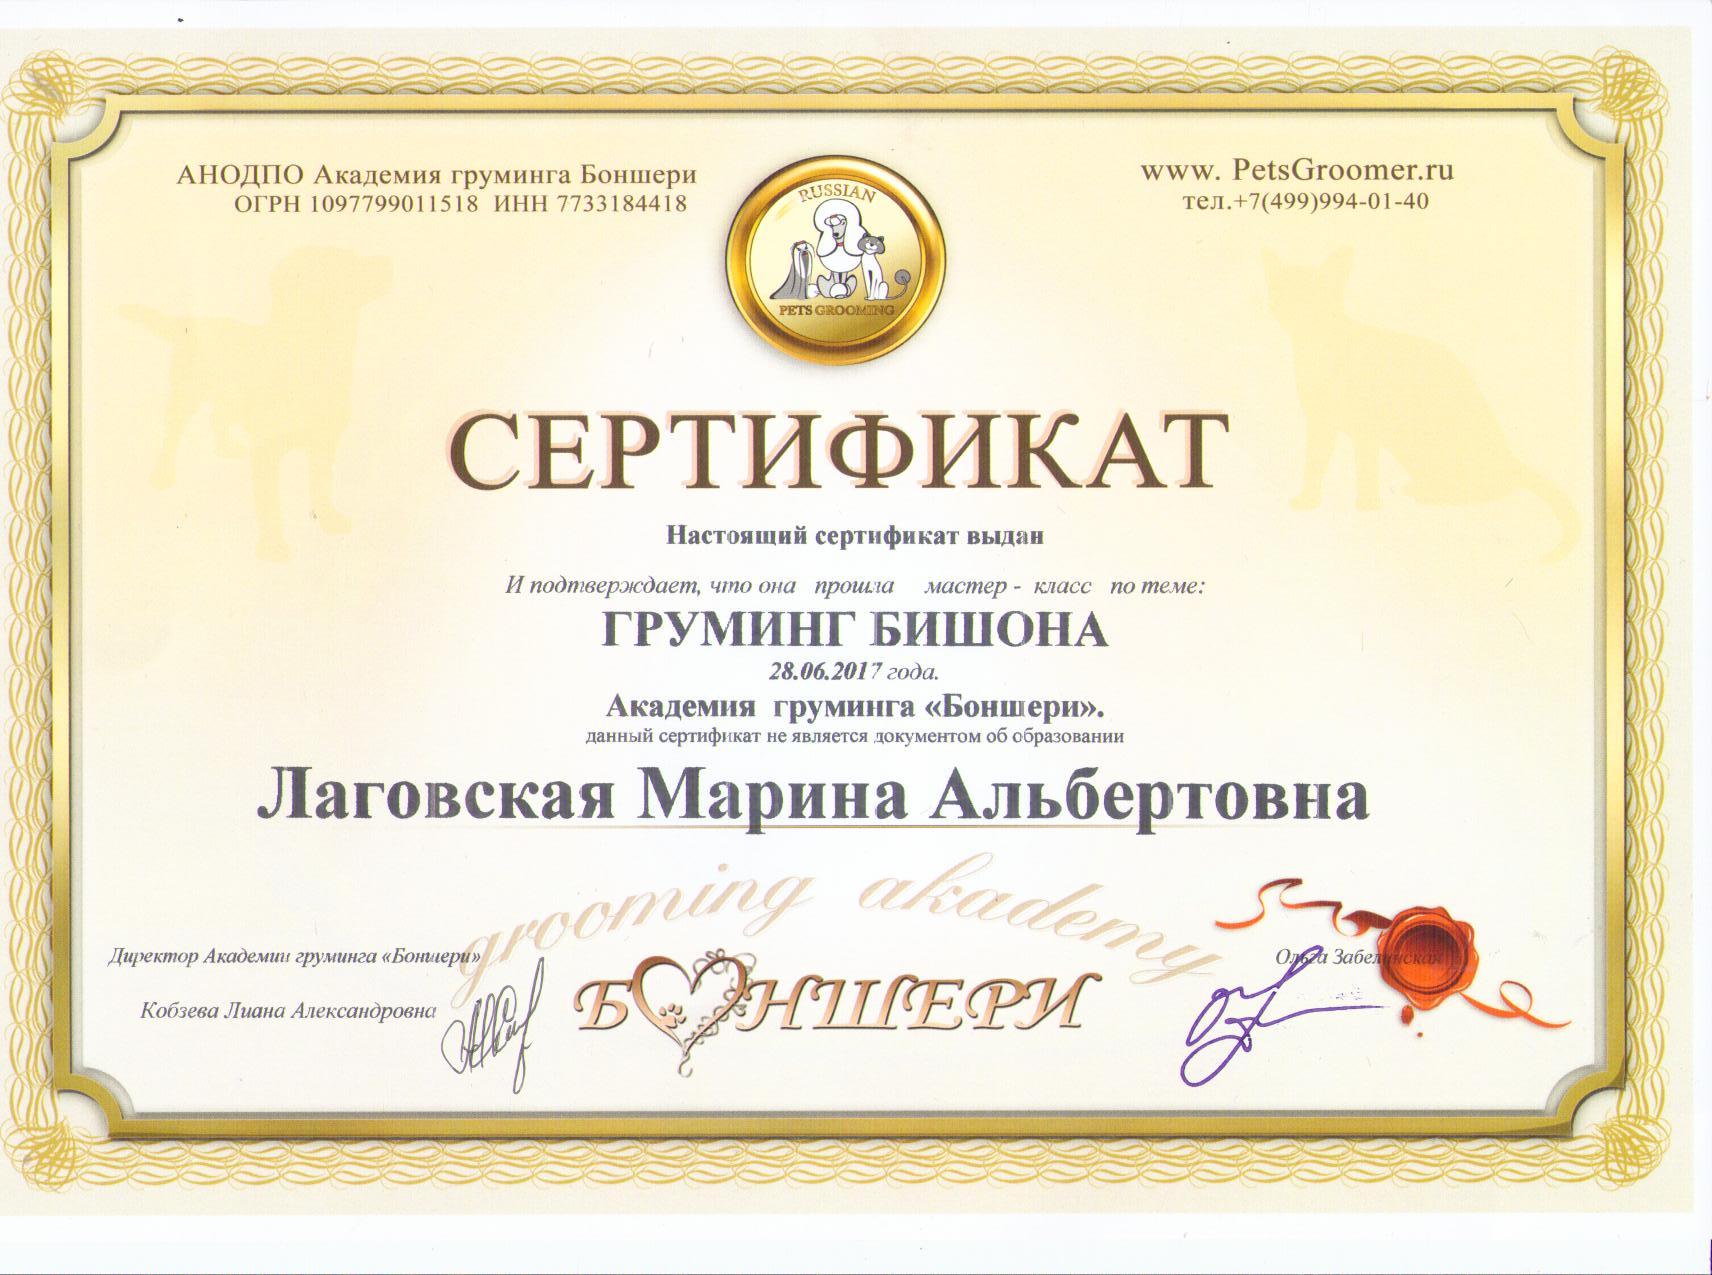 Лаговская Марина бишон